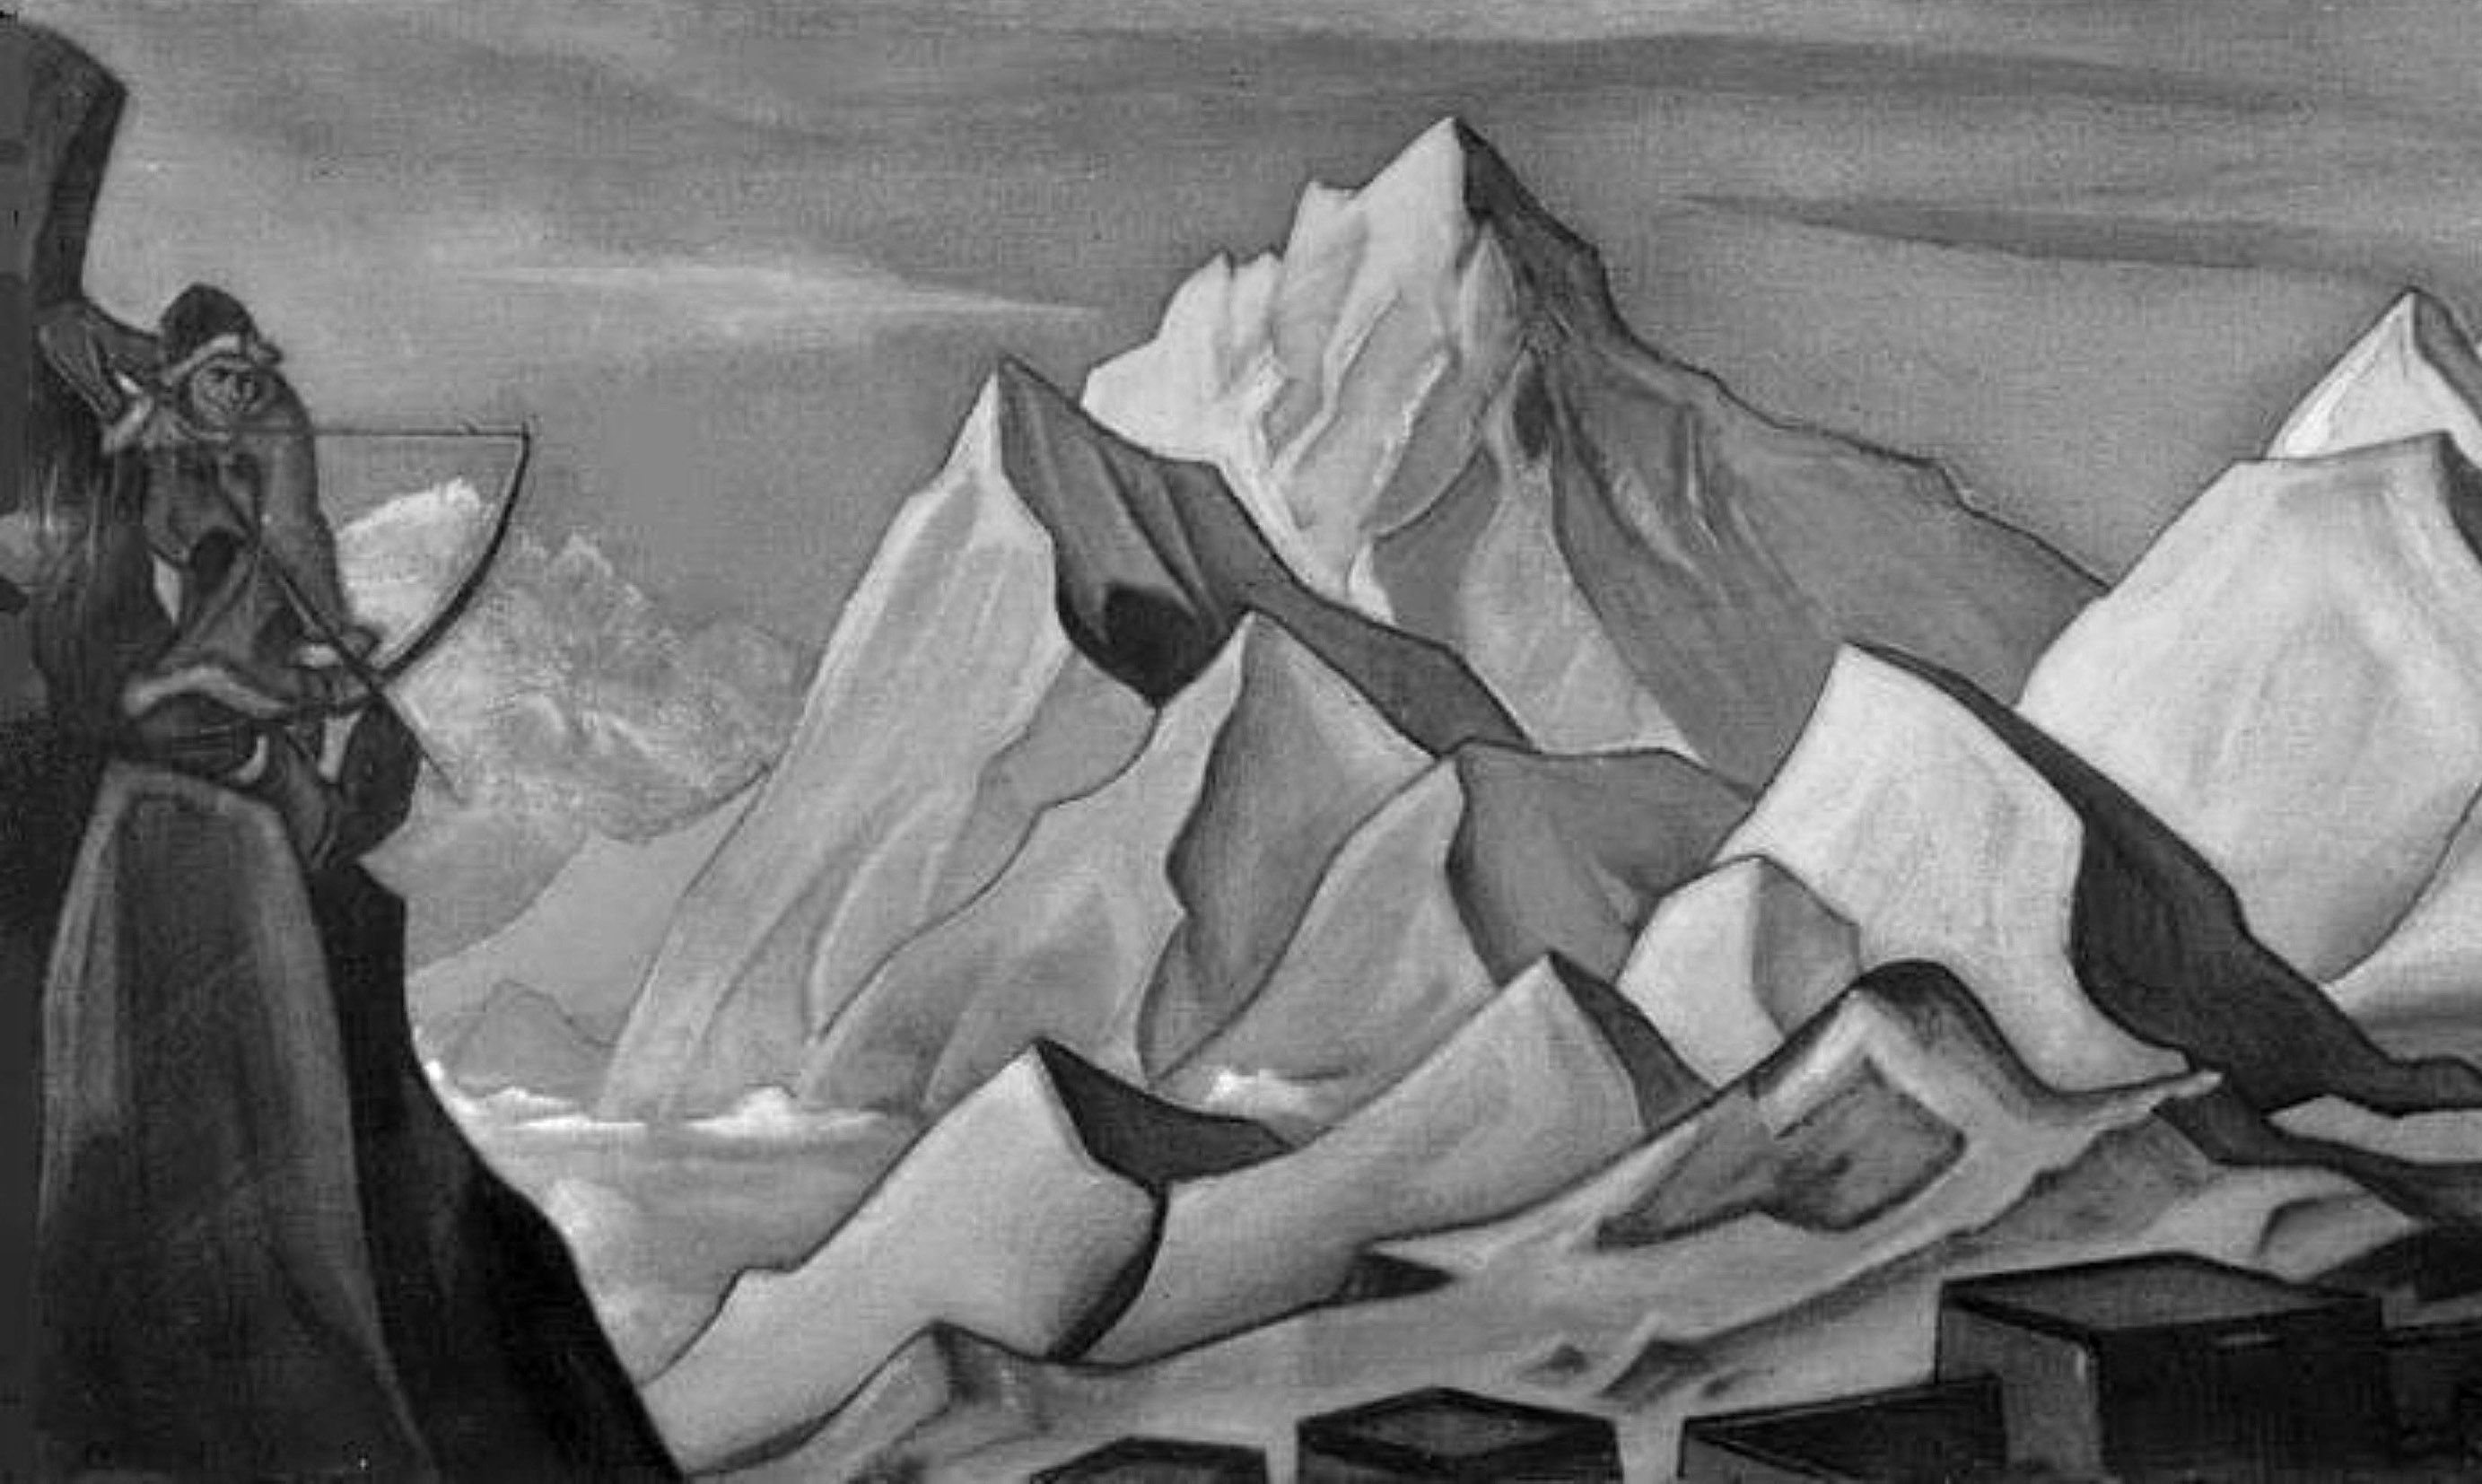 Картина «Весть Шамбалы», где Н. Рерих запечатлел «ламу» Блюмкина